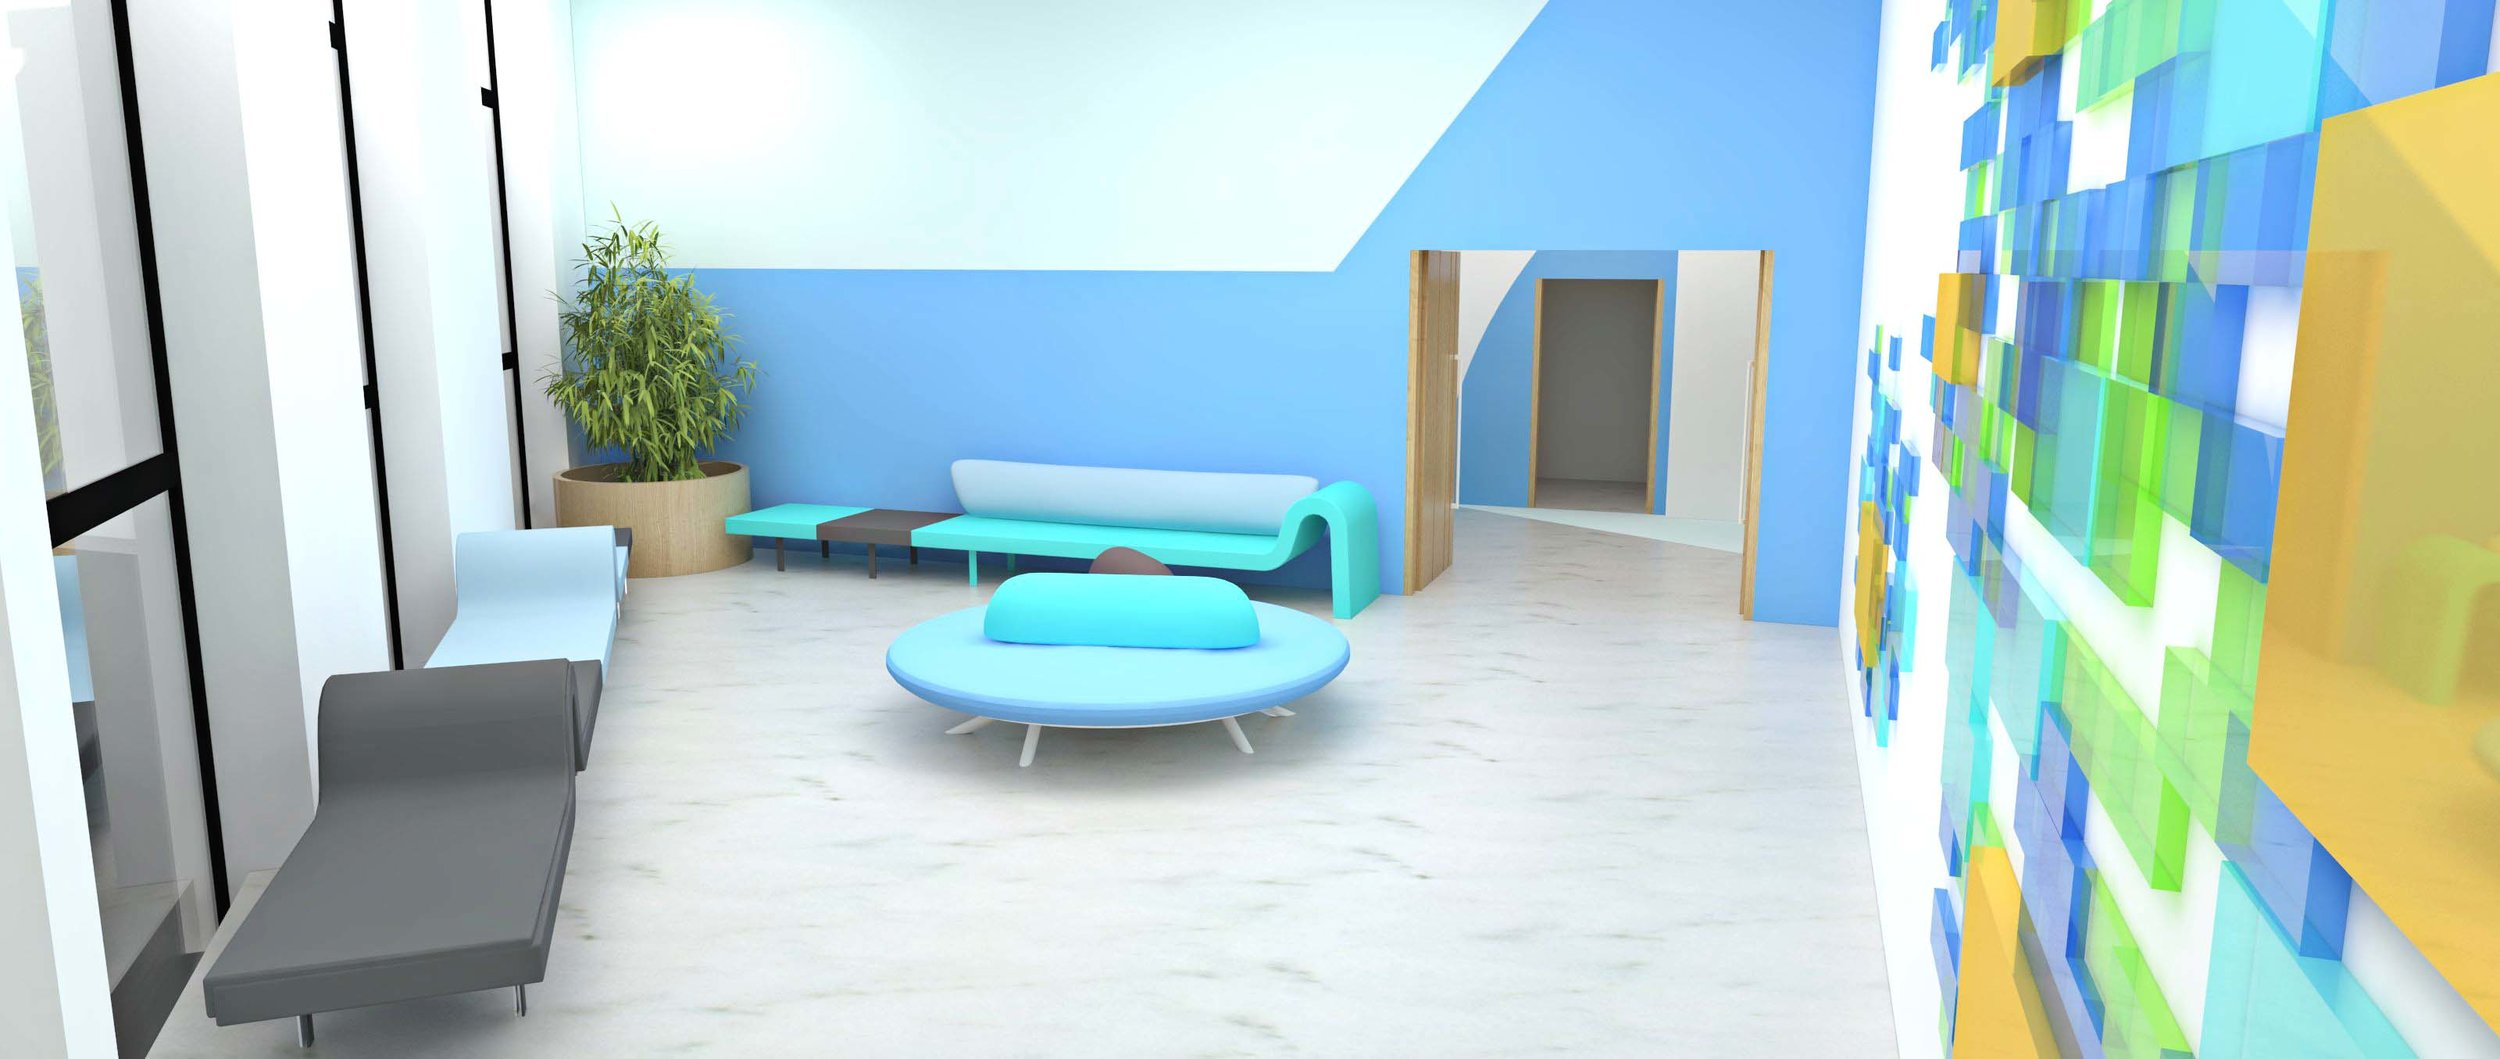 Interior design in Rhino 3d